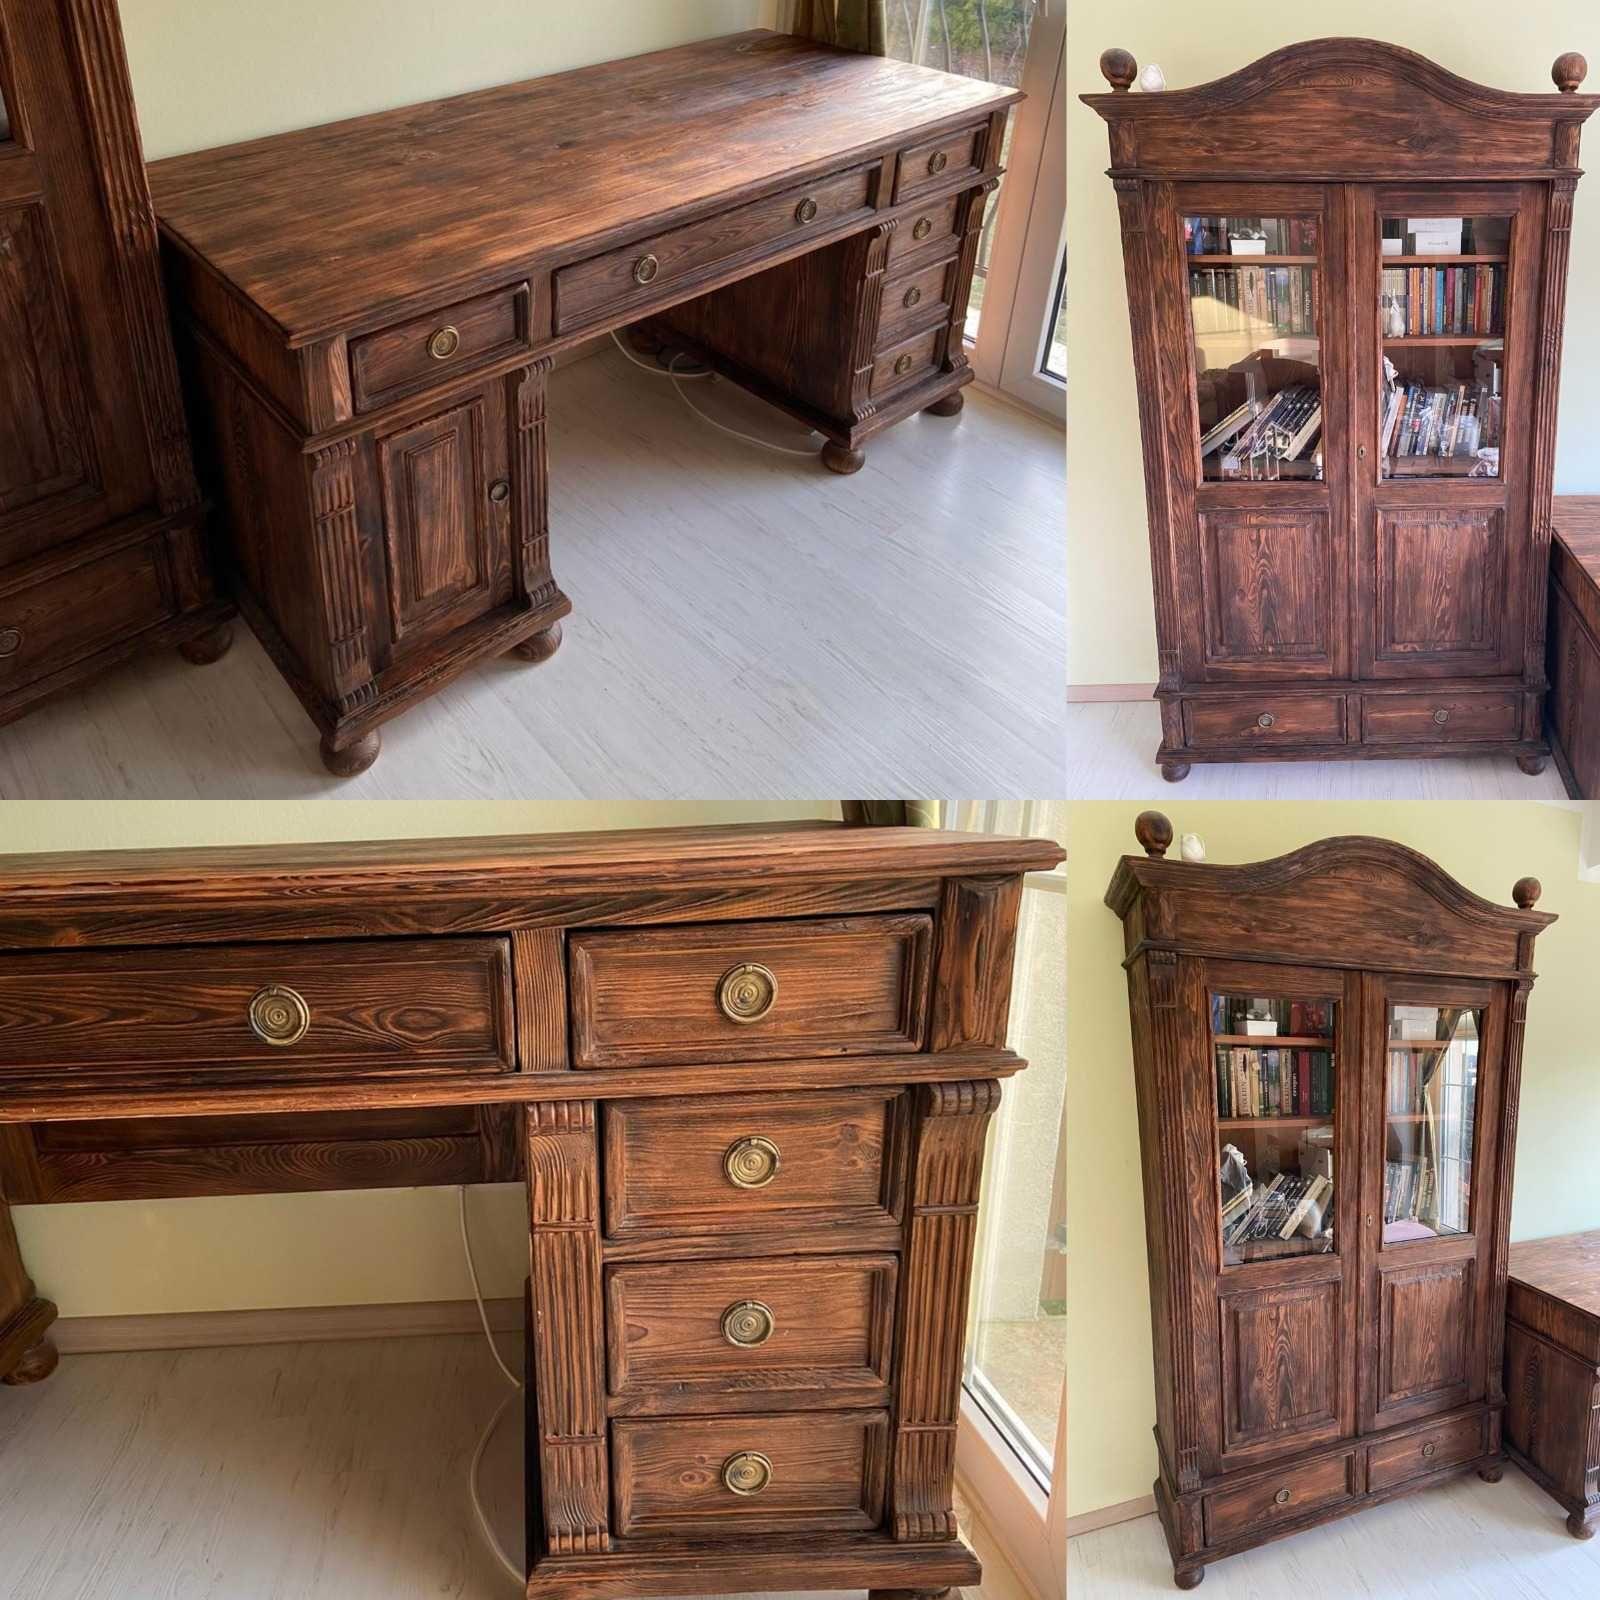 Biurko oraz biblioteczka z litego drewna